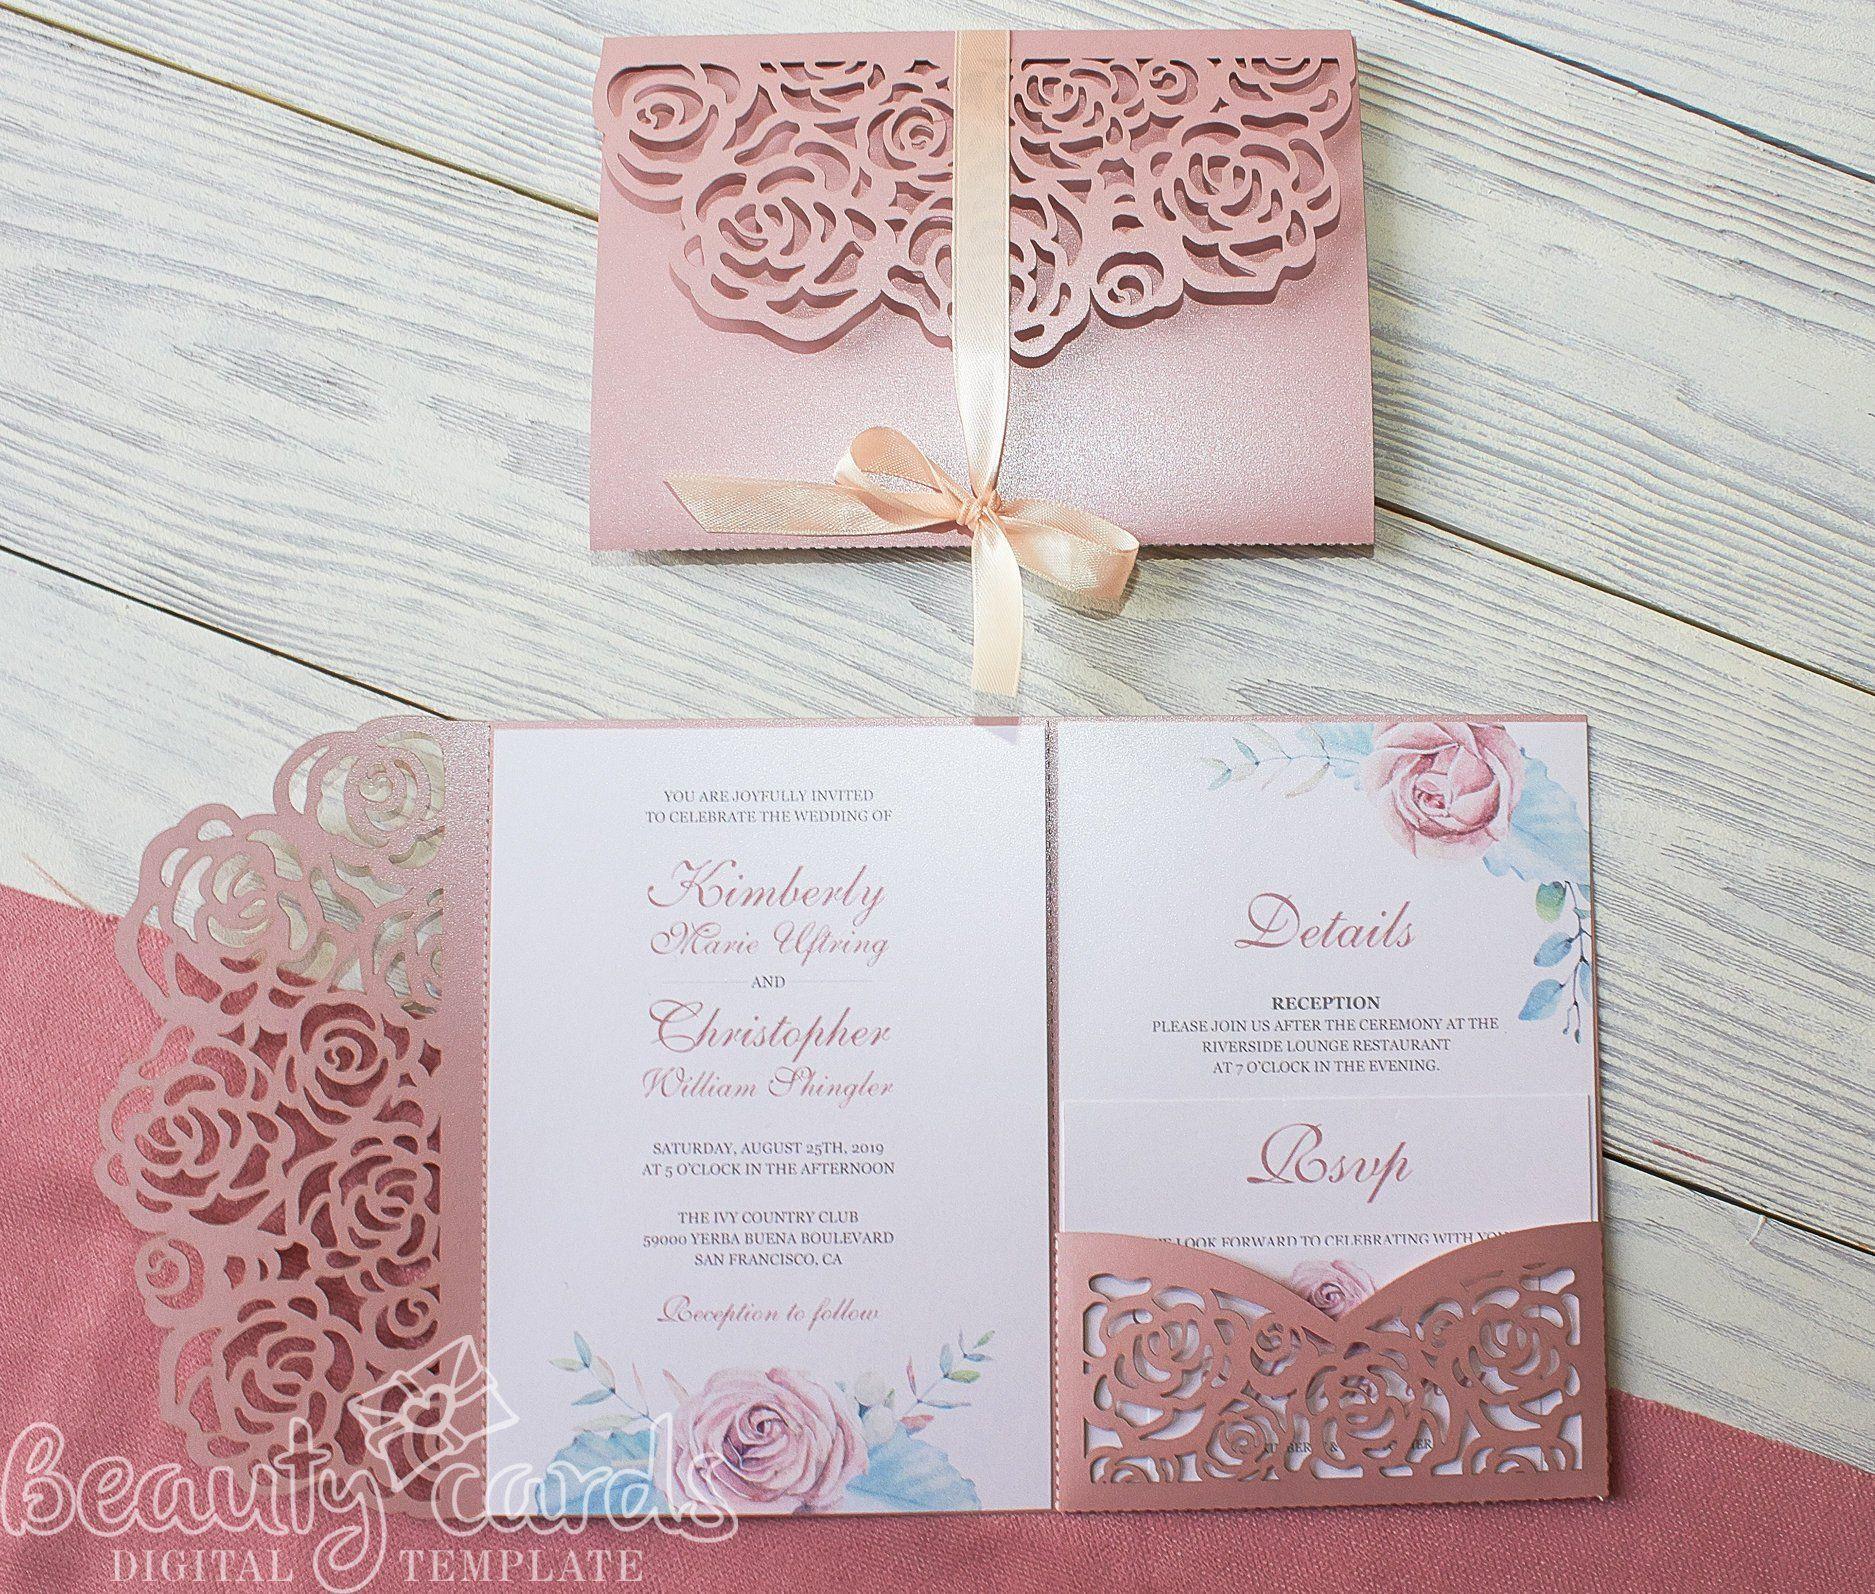 Pin On Ideas De Boda Al Aire Libre Tri fold wedding invite template